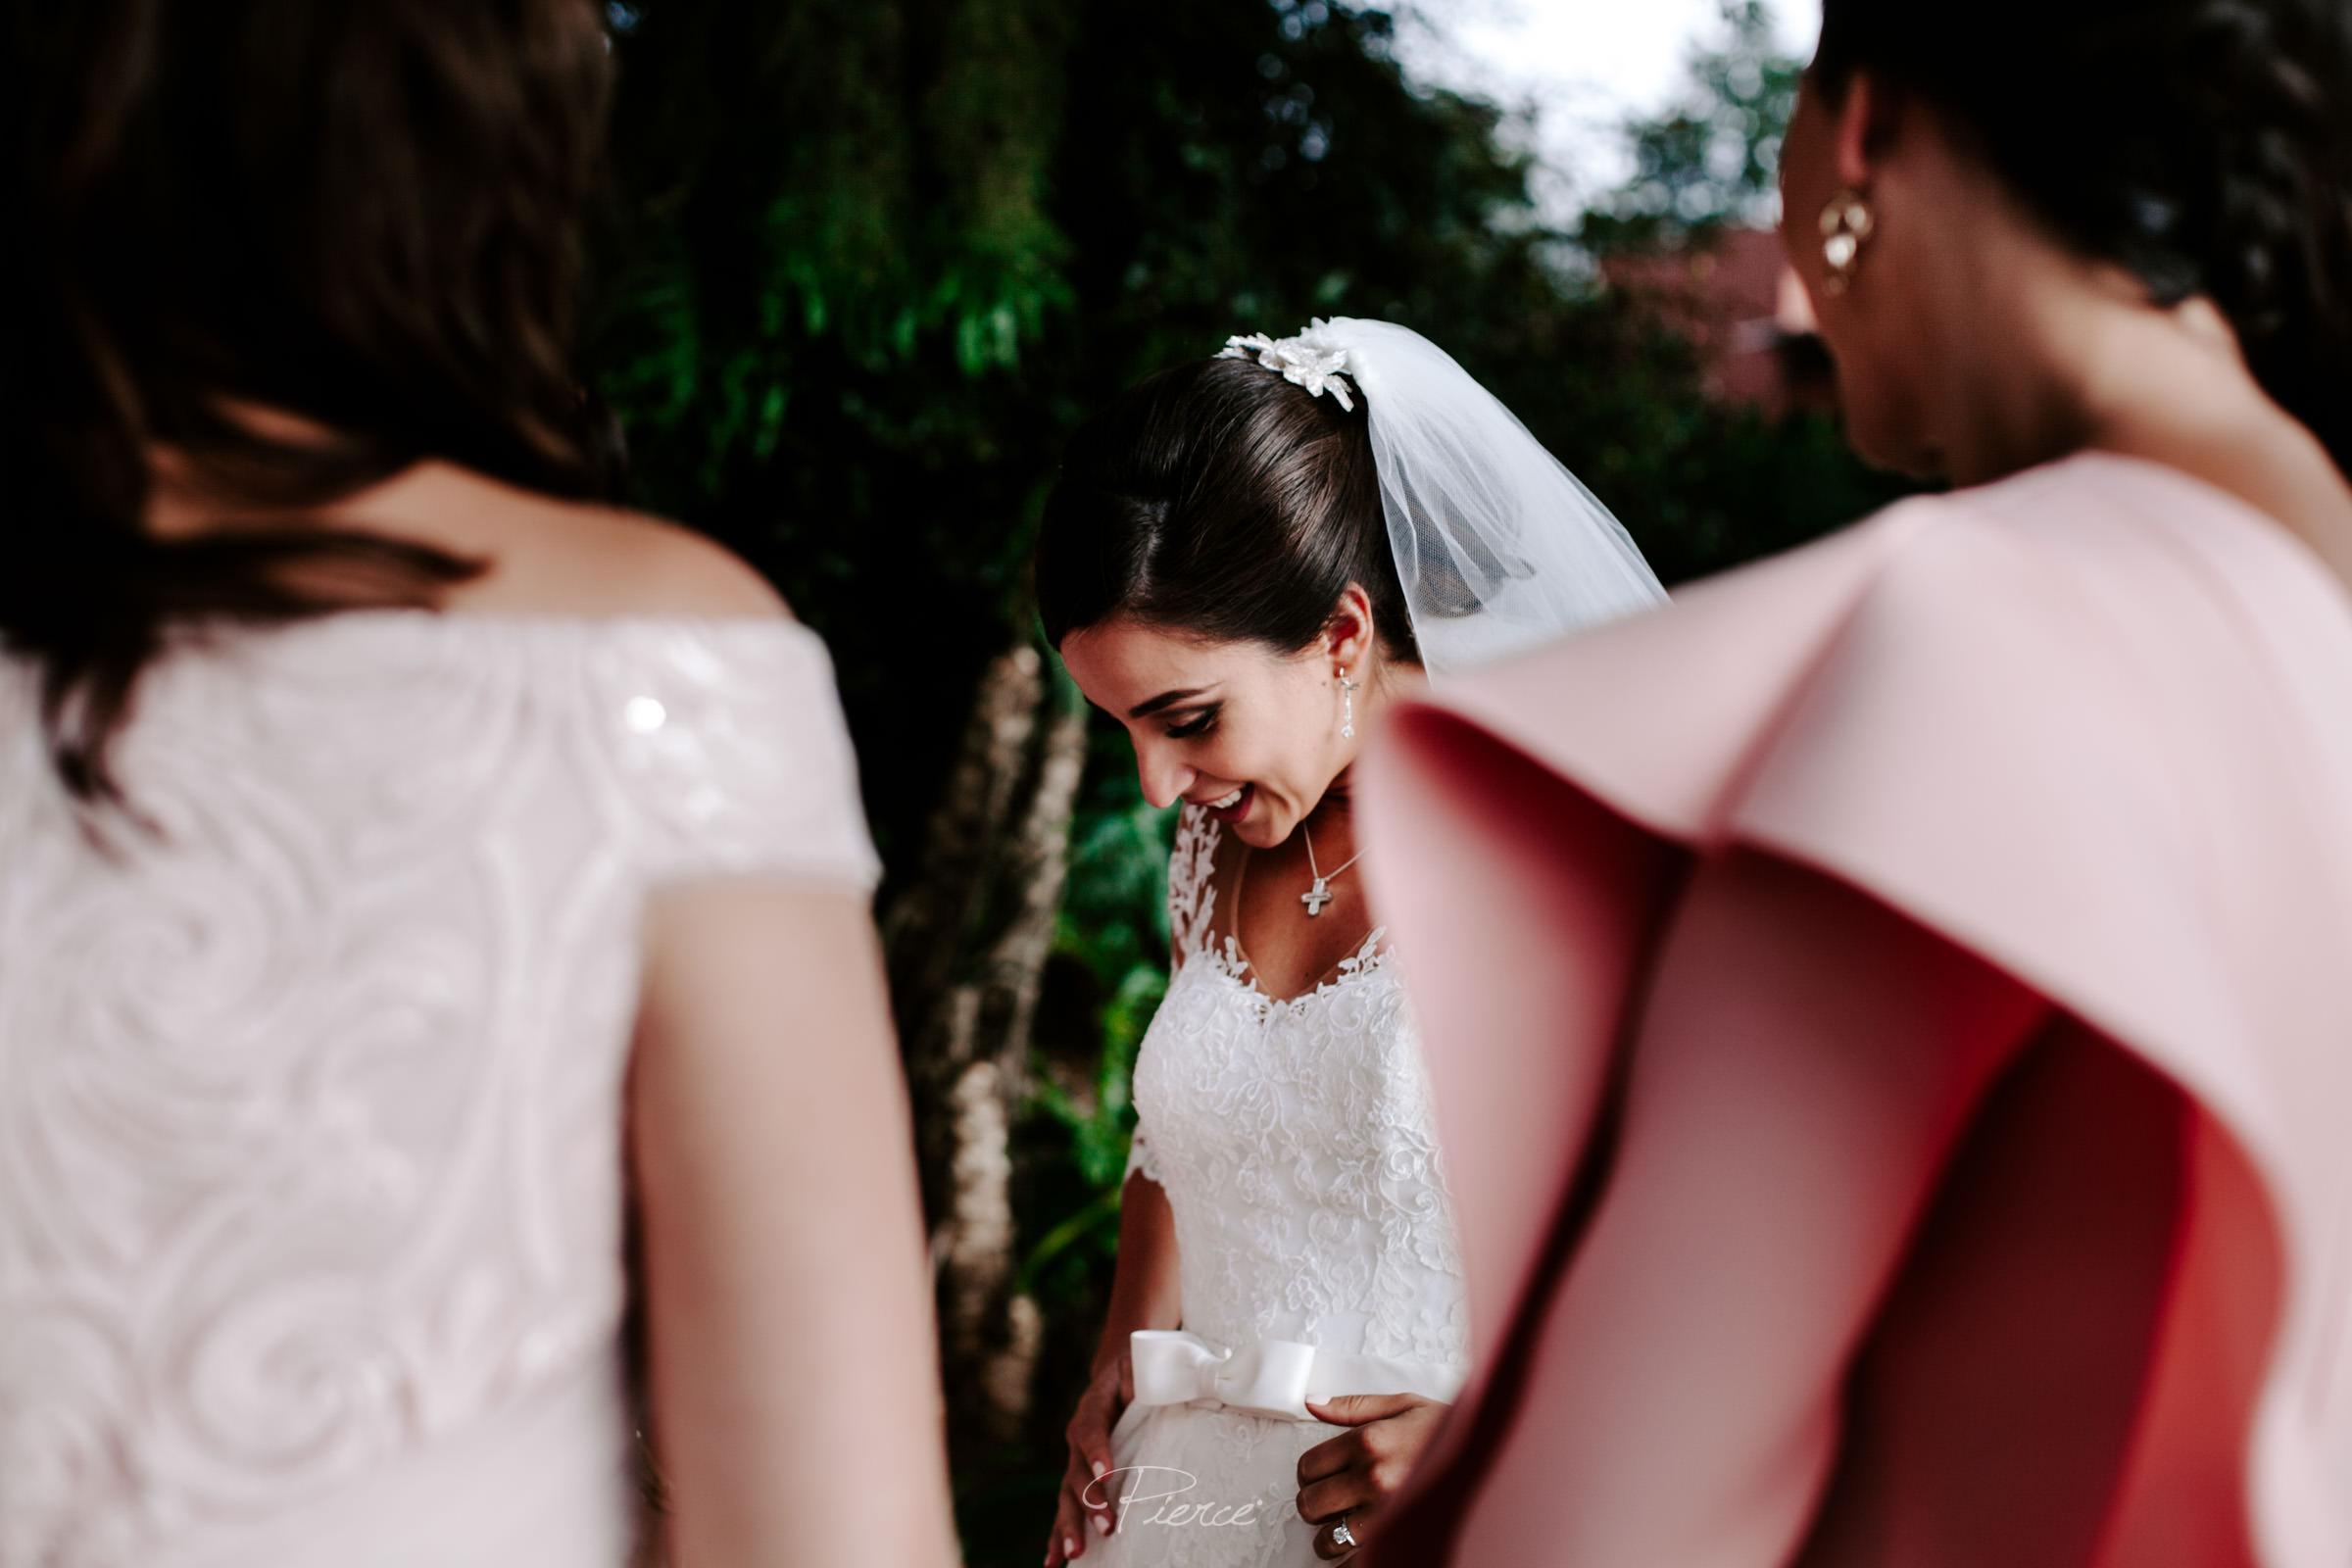 fotografia-de-boda-valle-de-bravo-mexico-rosmarino-pierce-weddings-0079.JPG